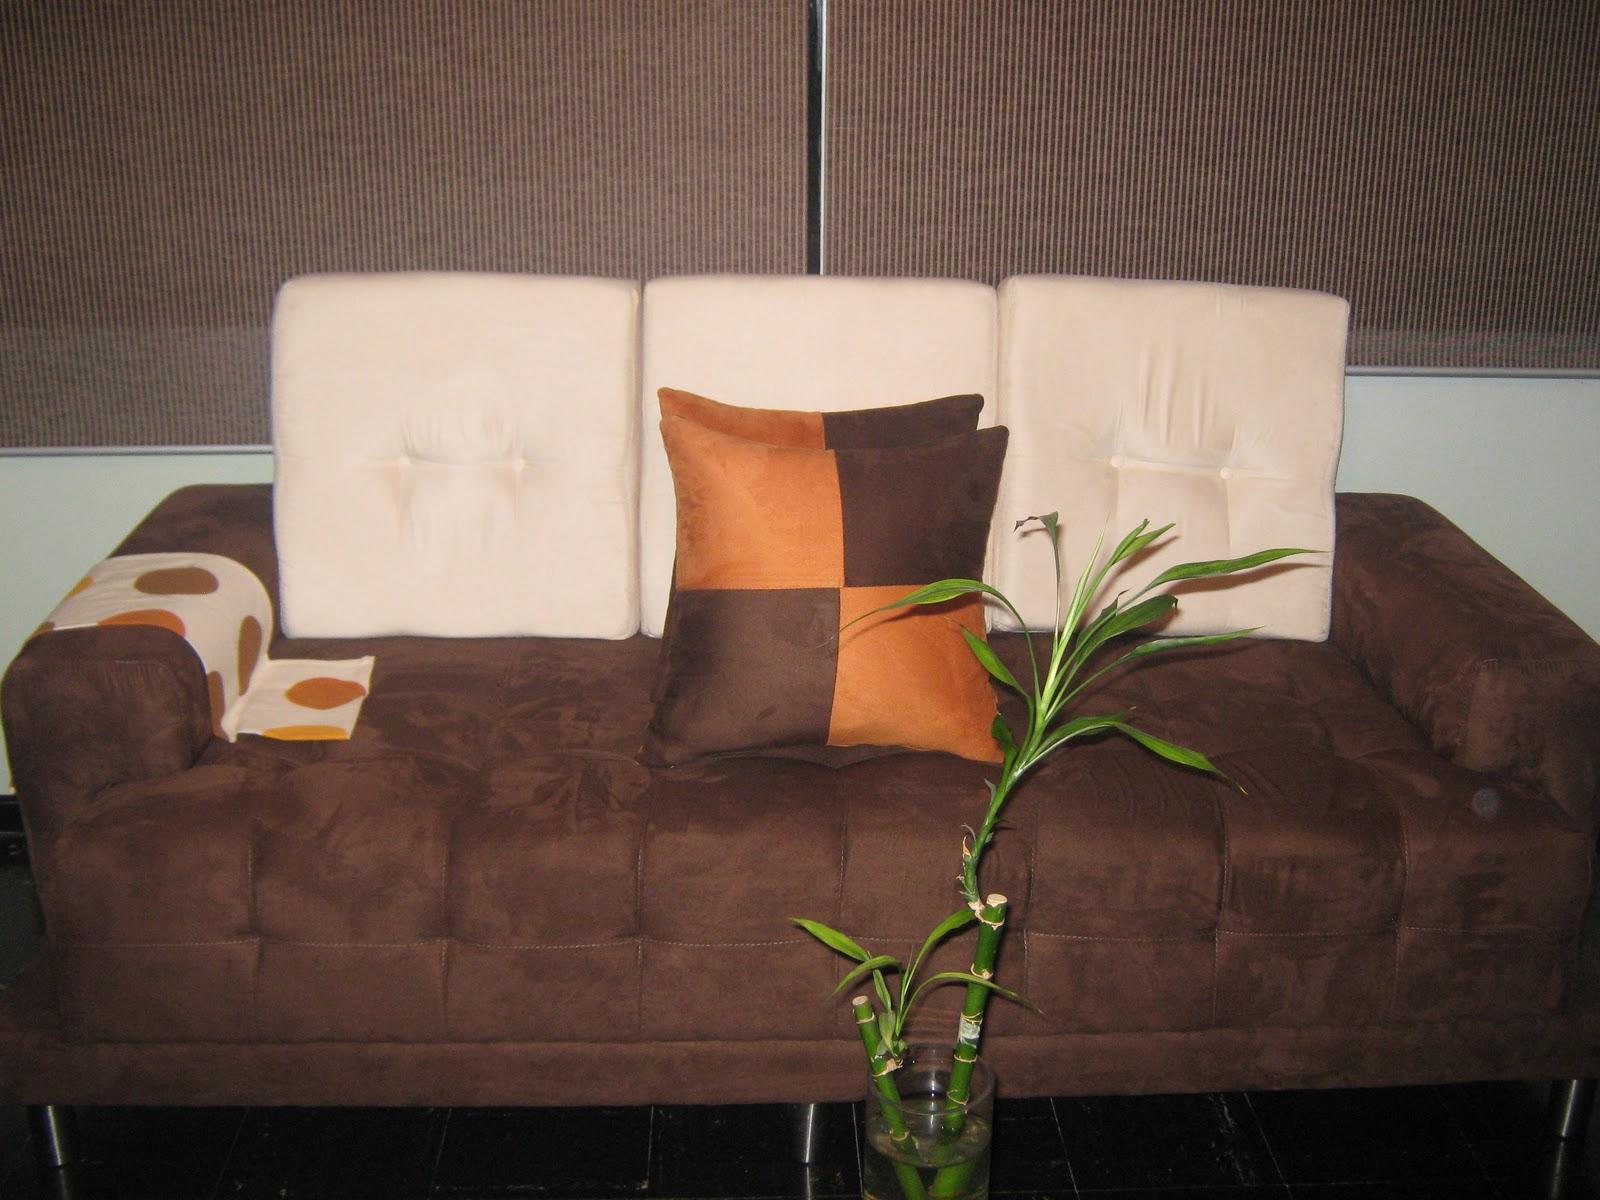 Almacen arte k salas arte k muebles y accesorios for Almacenes de muebles en bogota